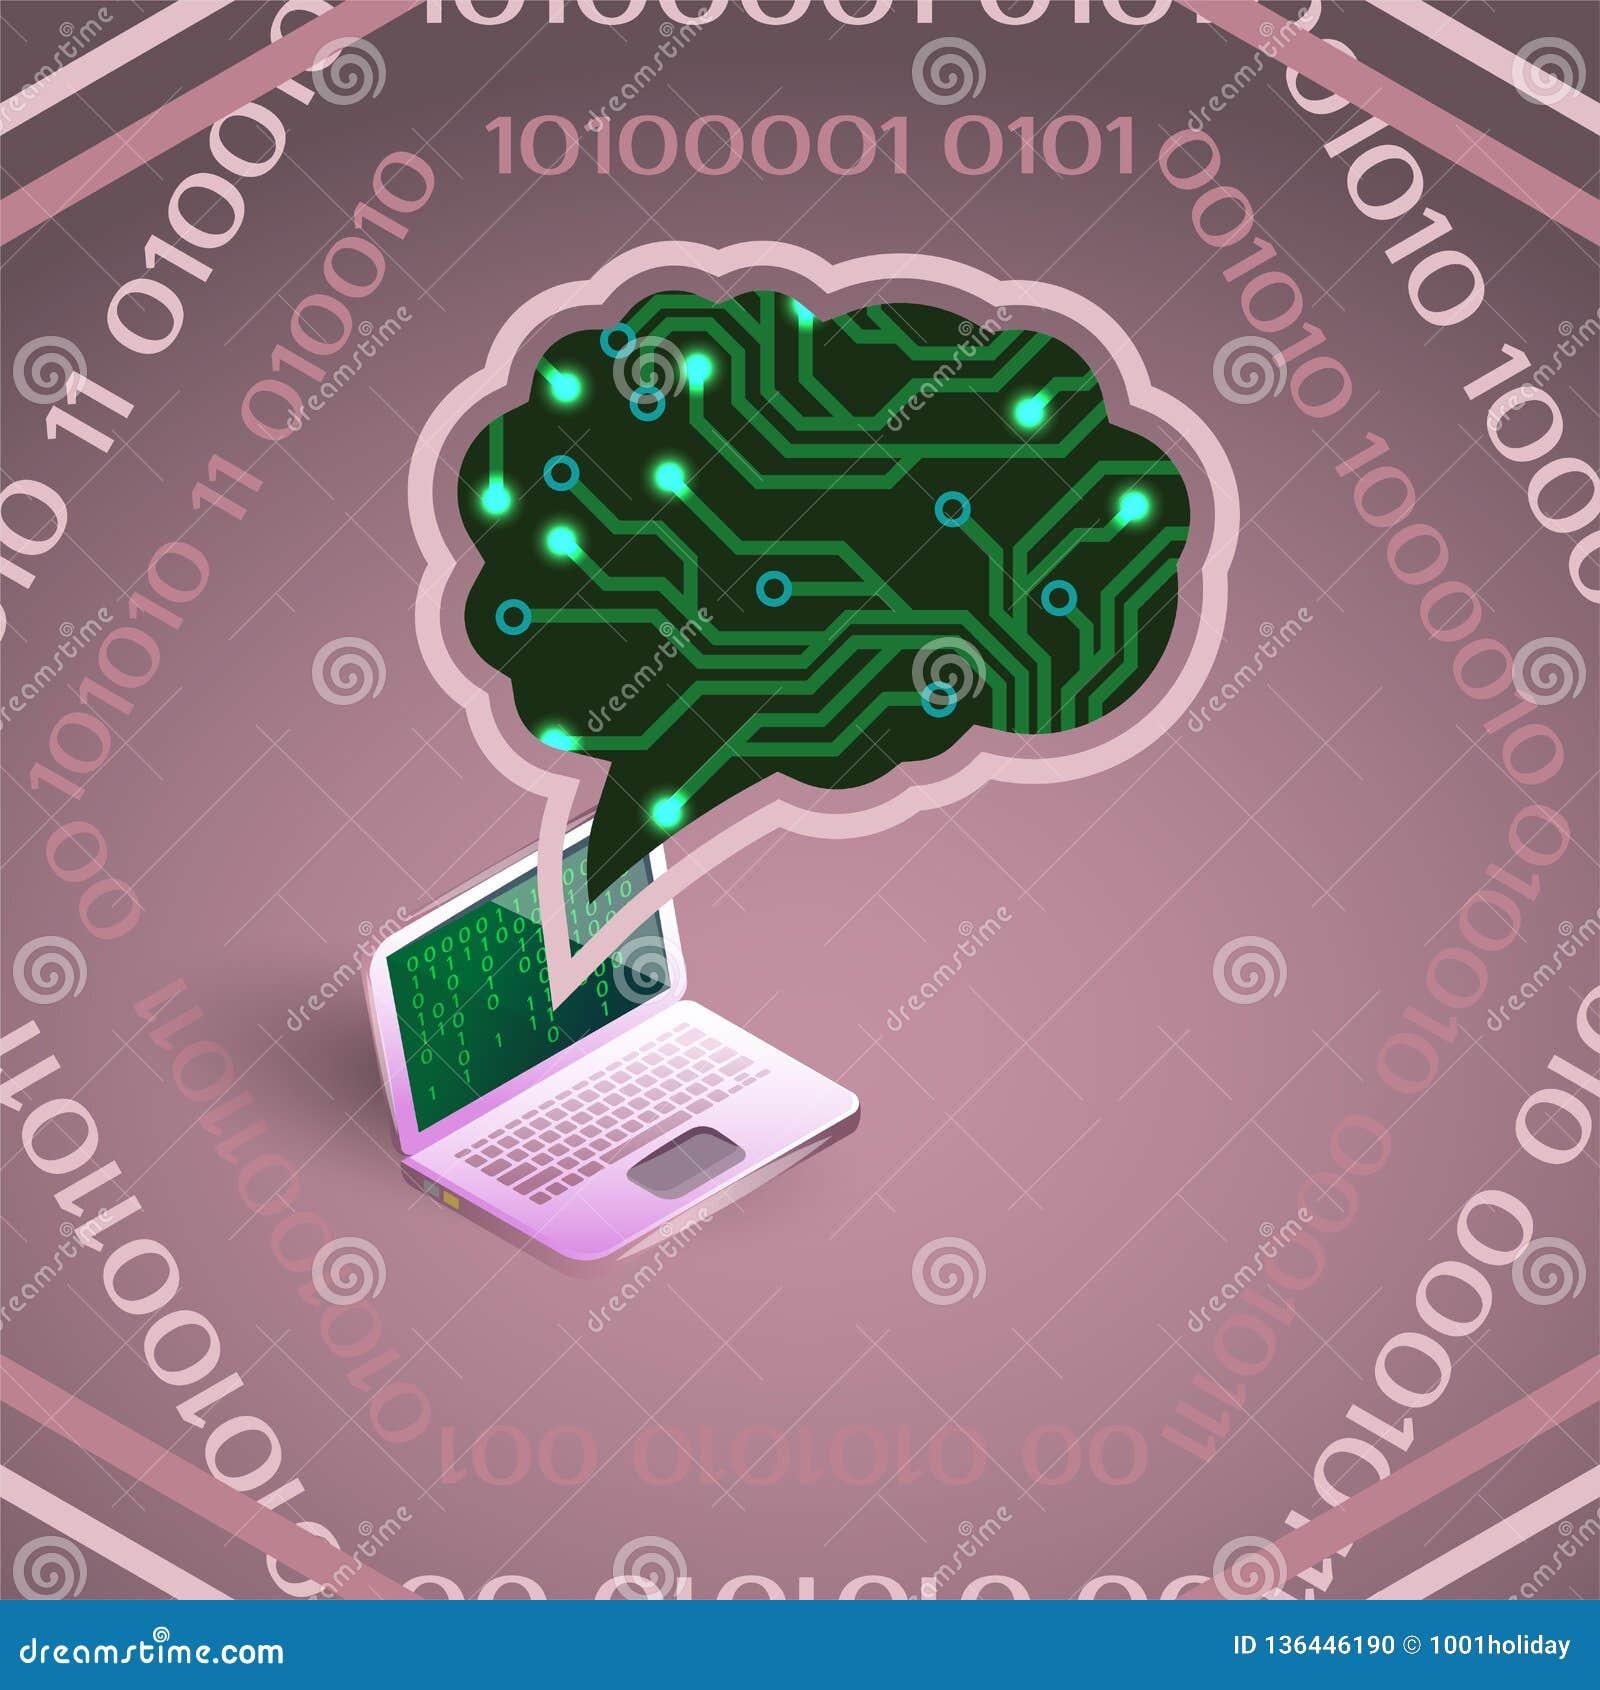 Vektorillustration der künstlichen Intelligenz der Leiterplatte und des Laptops auf Rosa